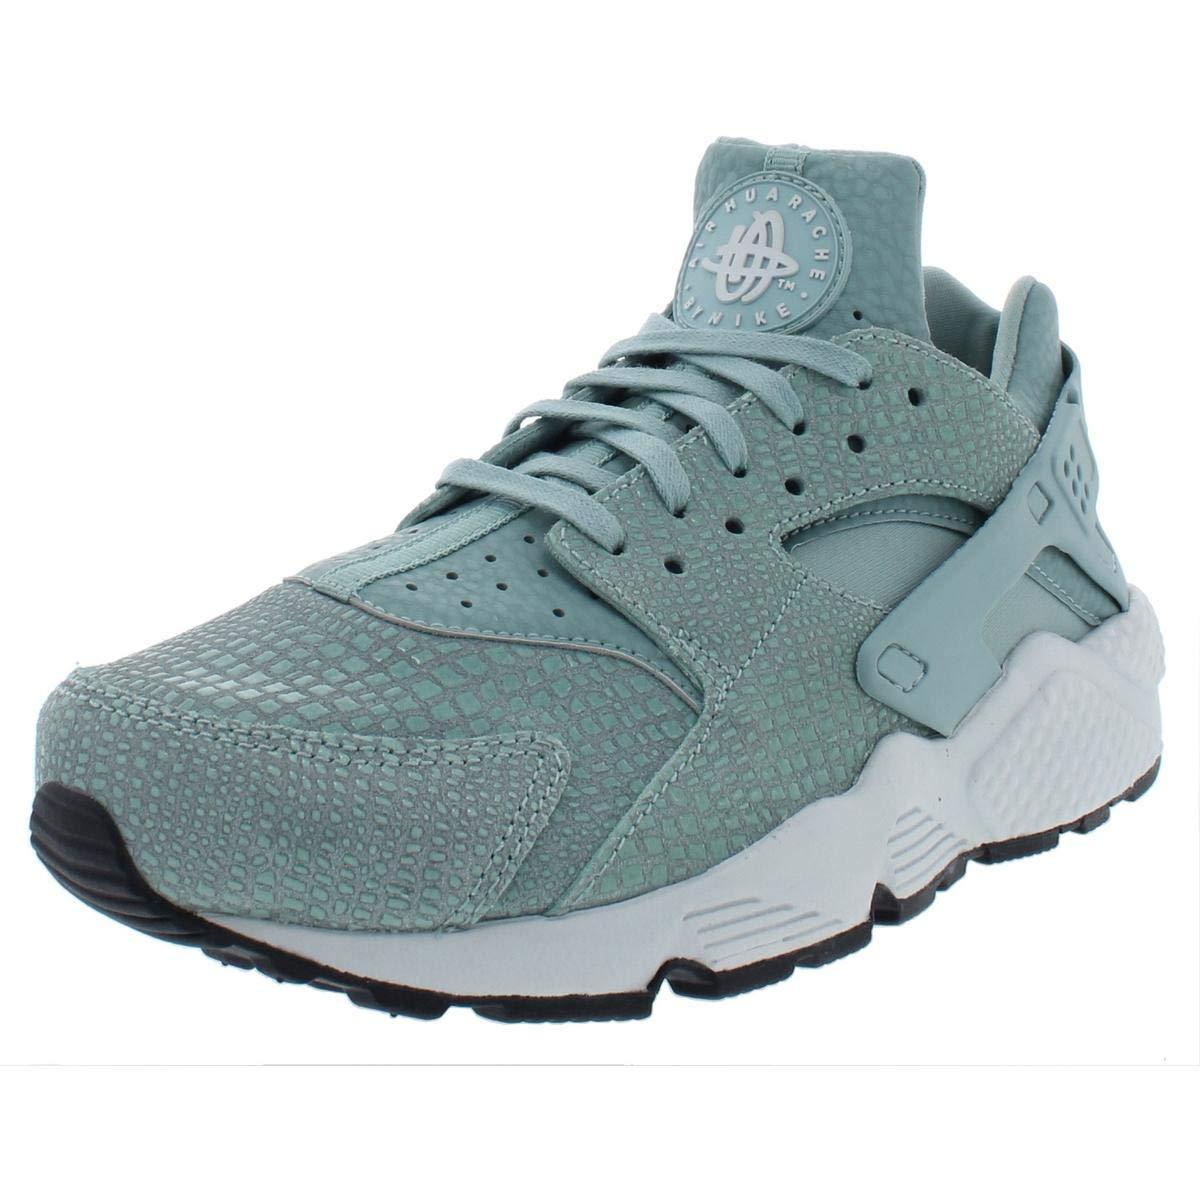 watch e75d1 c243c Nike Damen WMNS Air Huarache Run Print Turnschuhe: Amazon.de: Schuhe &  Handtaschen